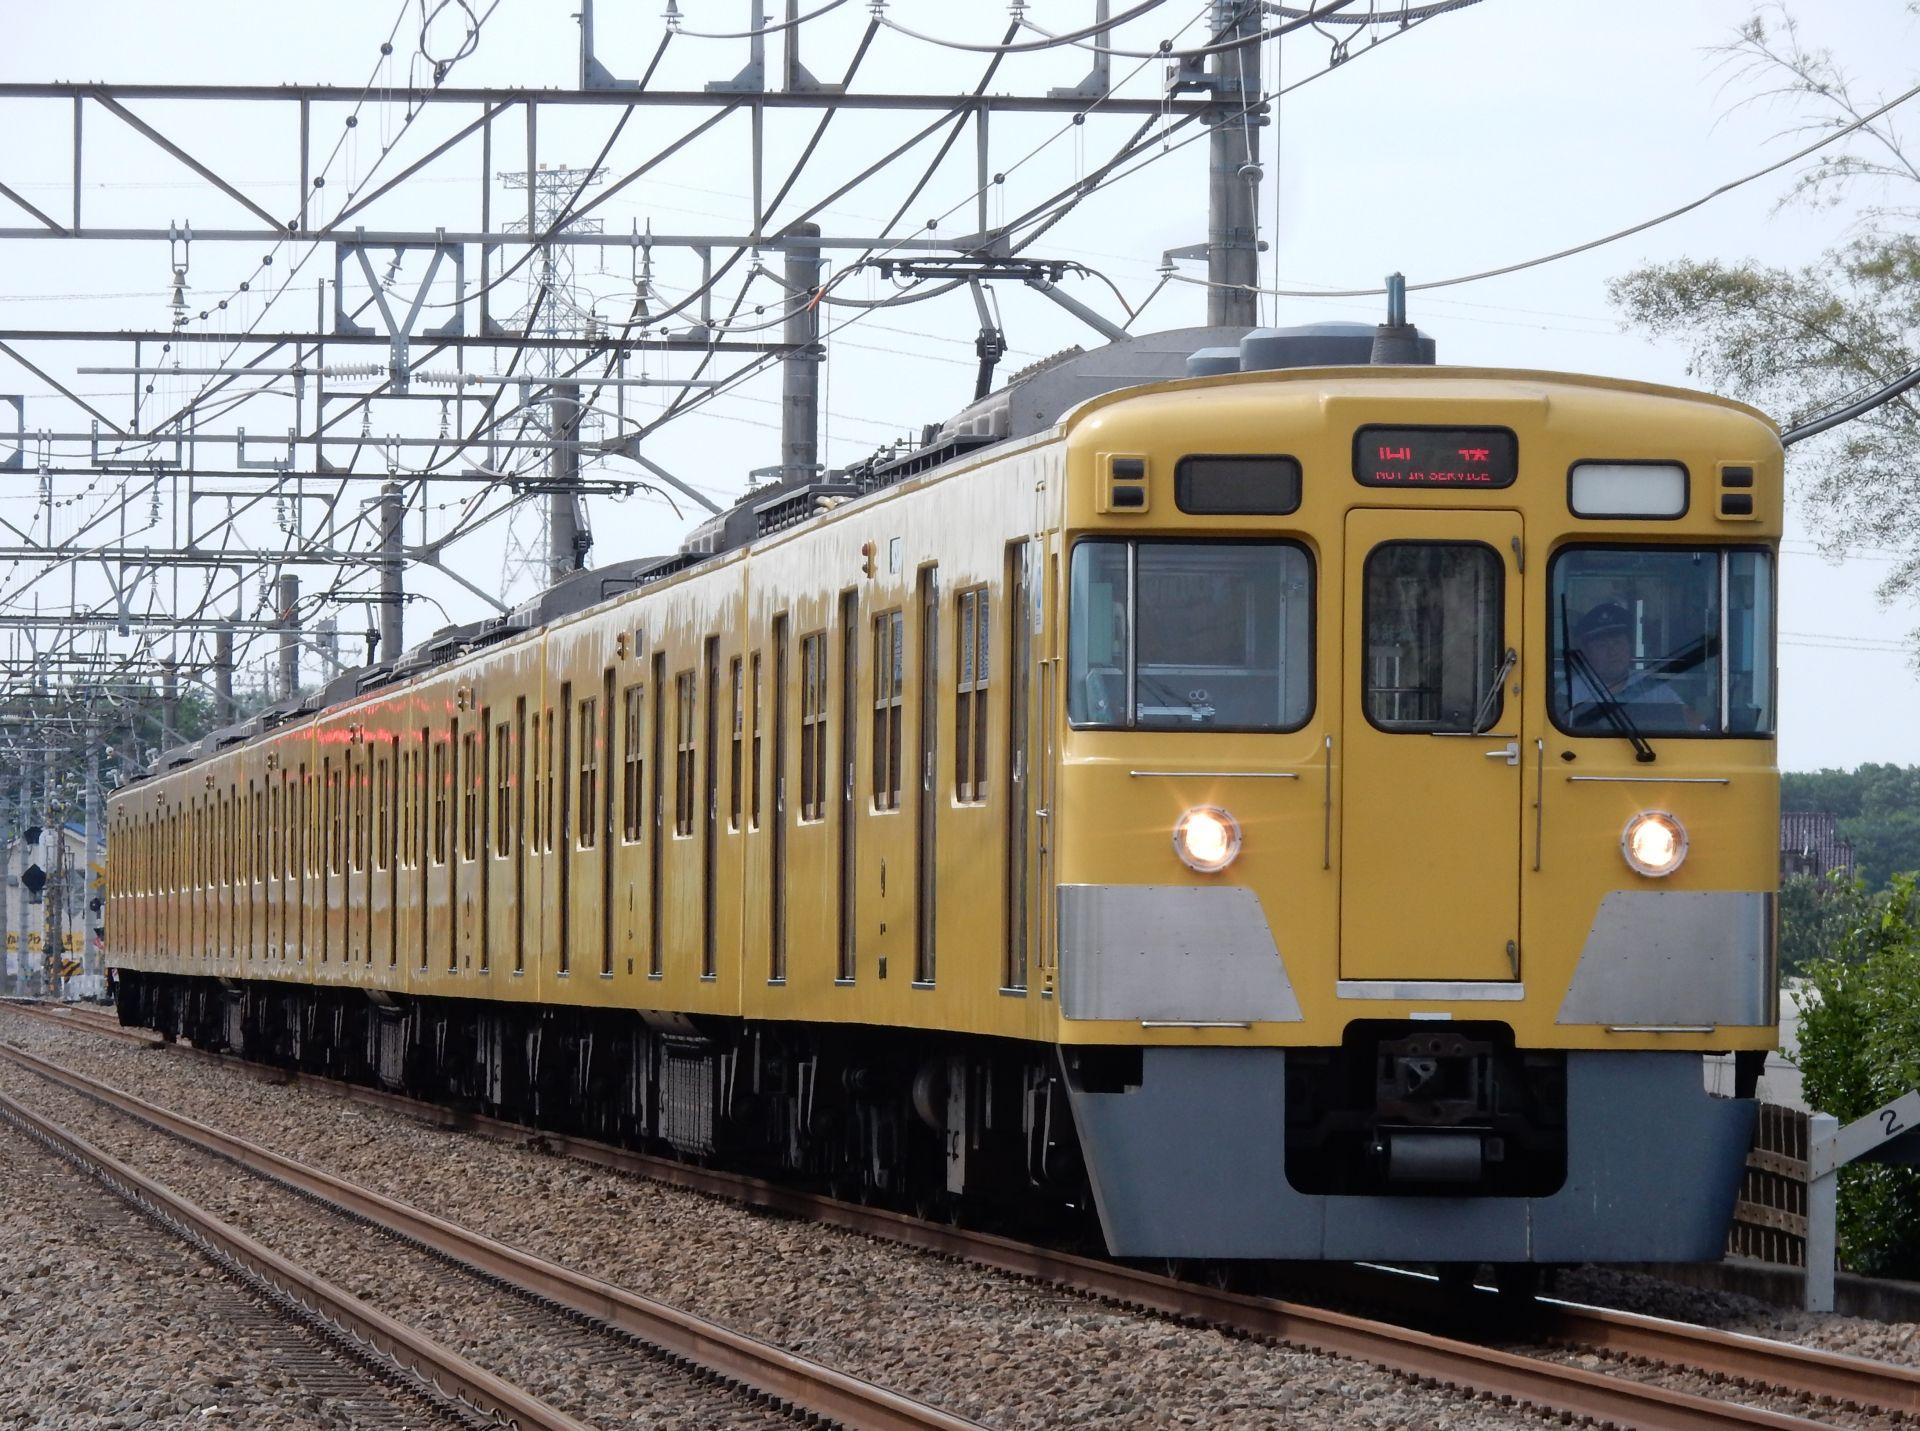 DSCN0656 - コピー